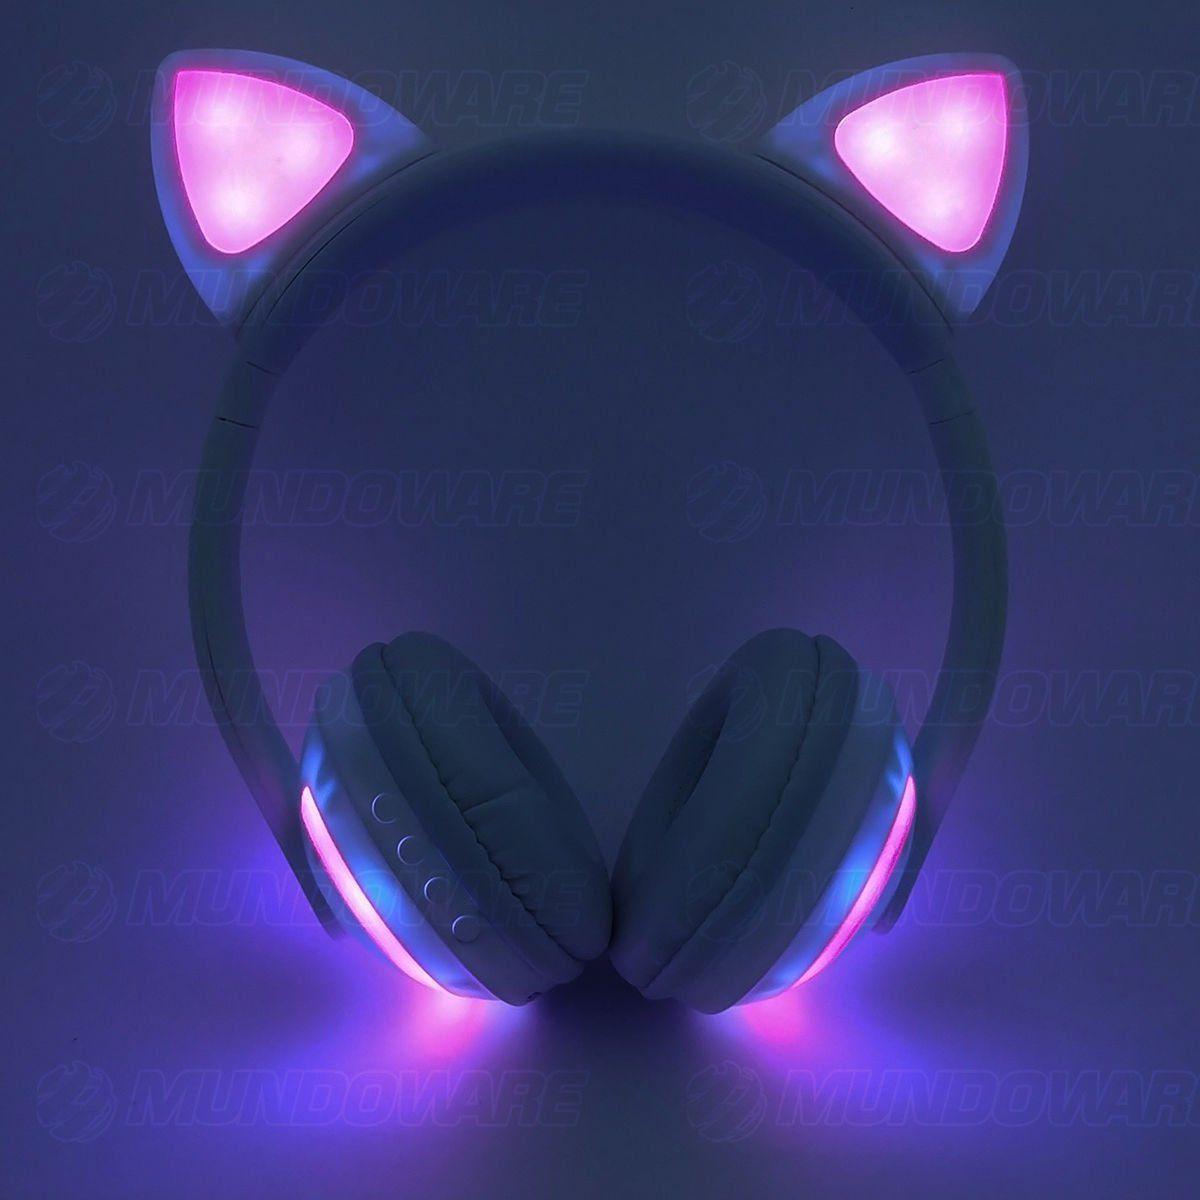 Headphone Bluetooth com Orelhas de Gato e Iluminação LED Fone Sem Fio de Gatinho Exbom HF-C240BT Branco